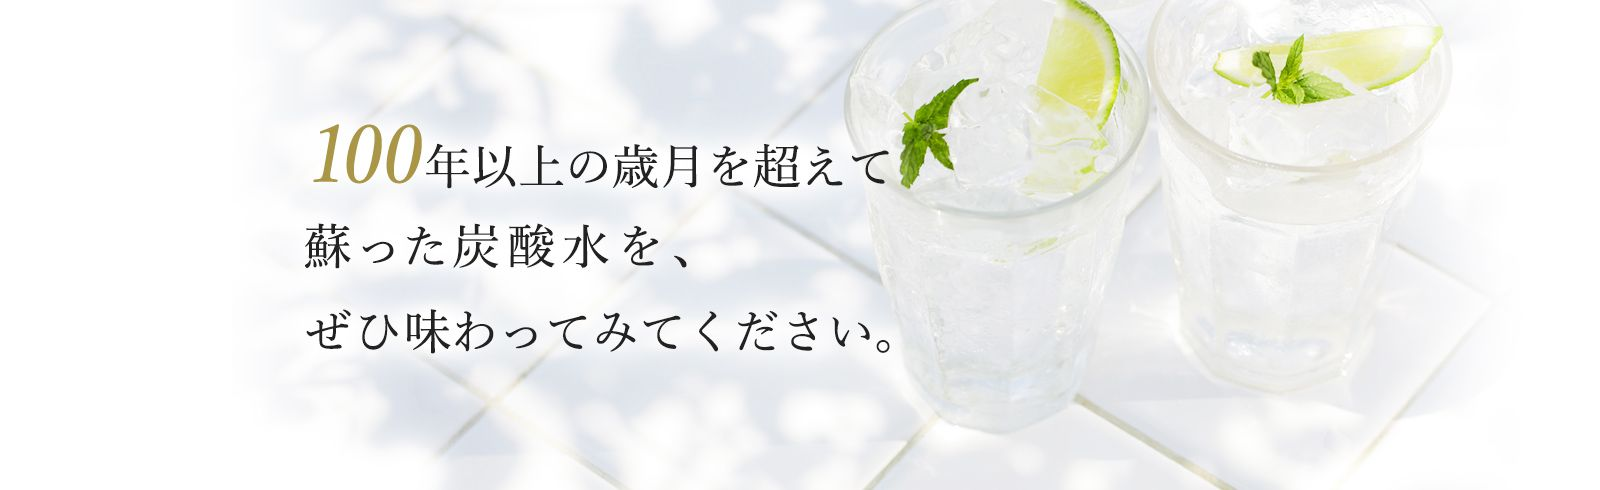 100年以上の歳月を超えて蘇った炭酸水を、ぜひ味わってみてください。